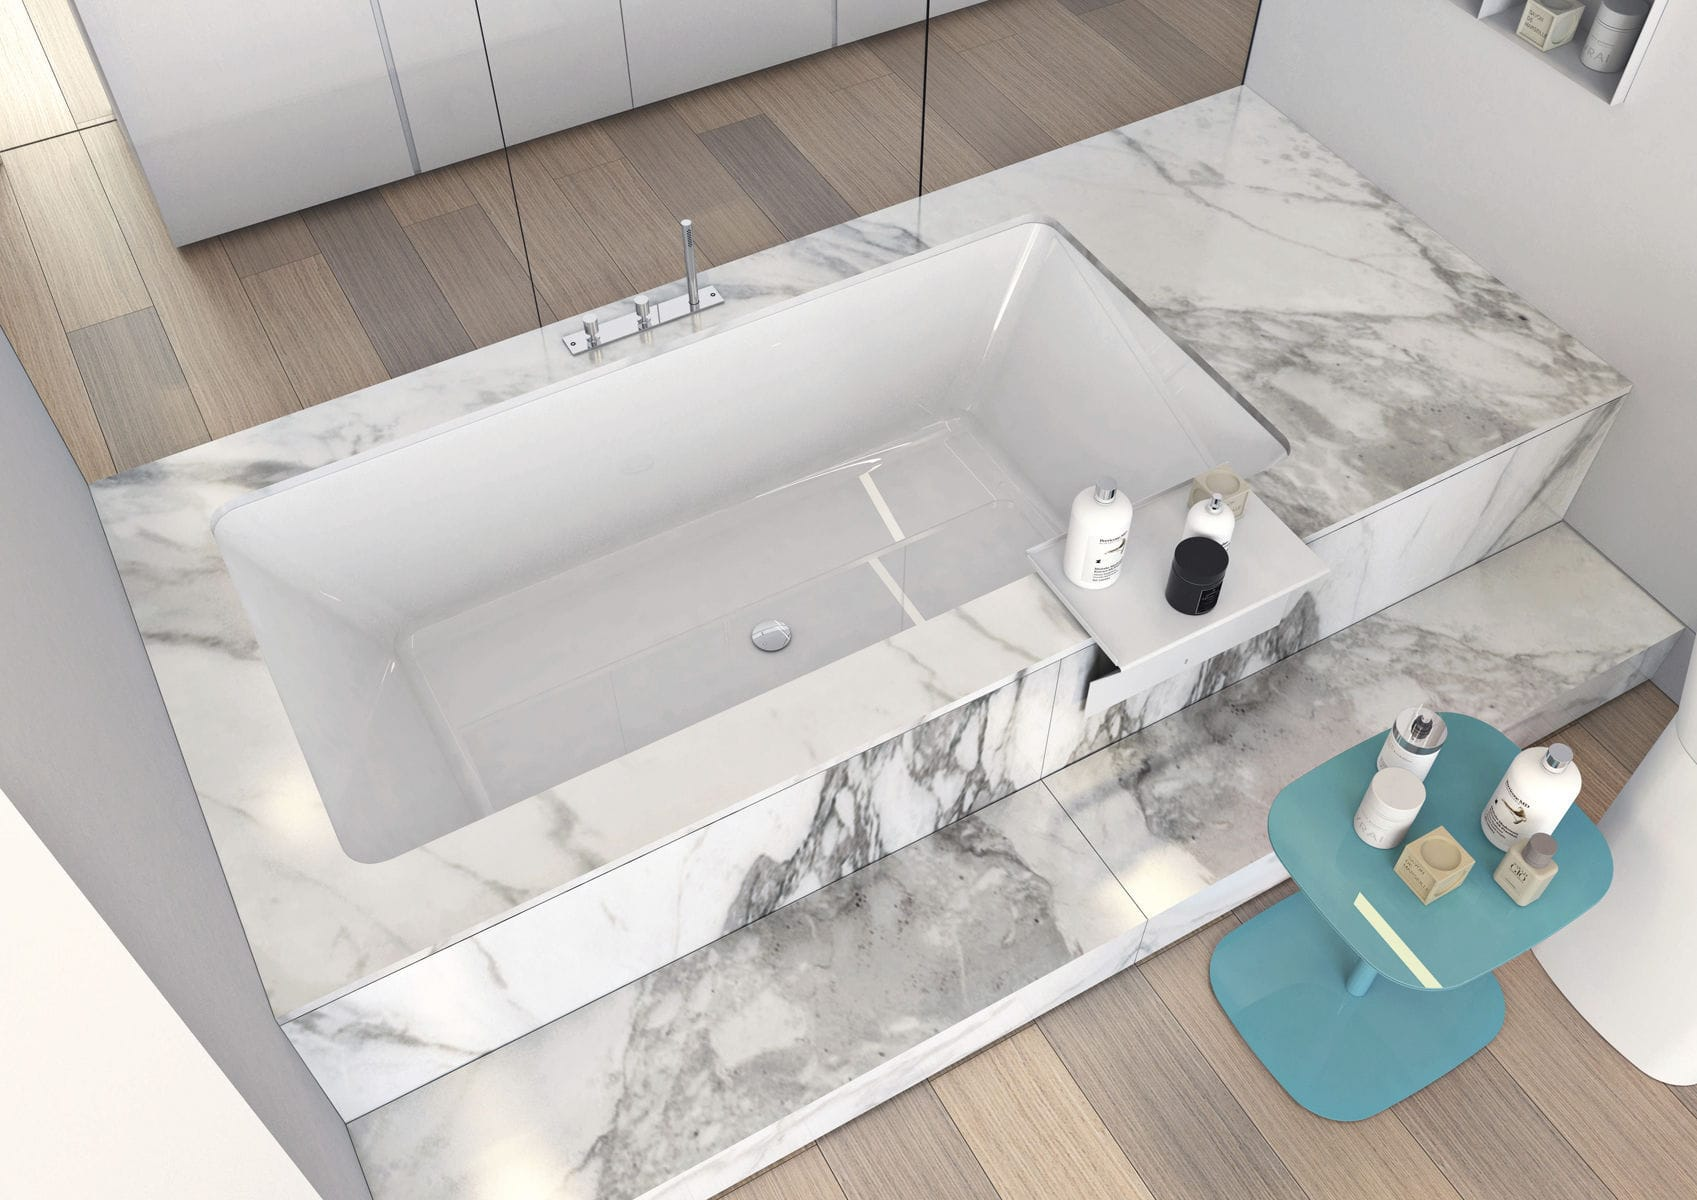 Vasca Da Bagno Makro Prezzi : Vasca da bagno in corian in resina in marmo in legno wave